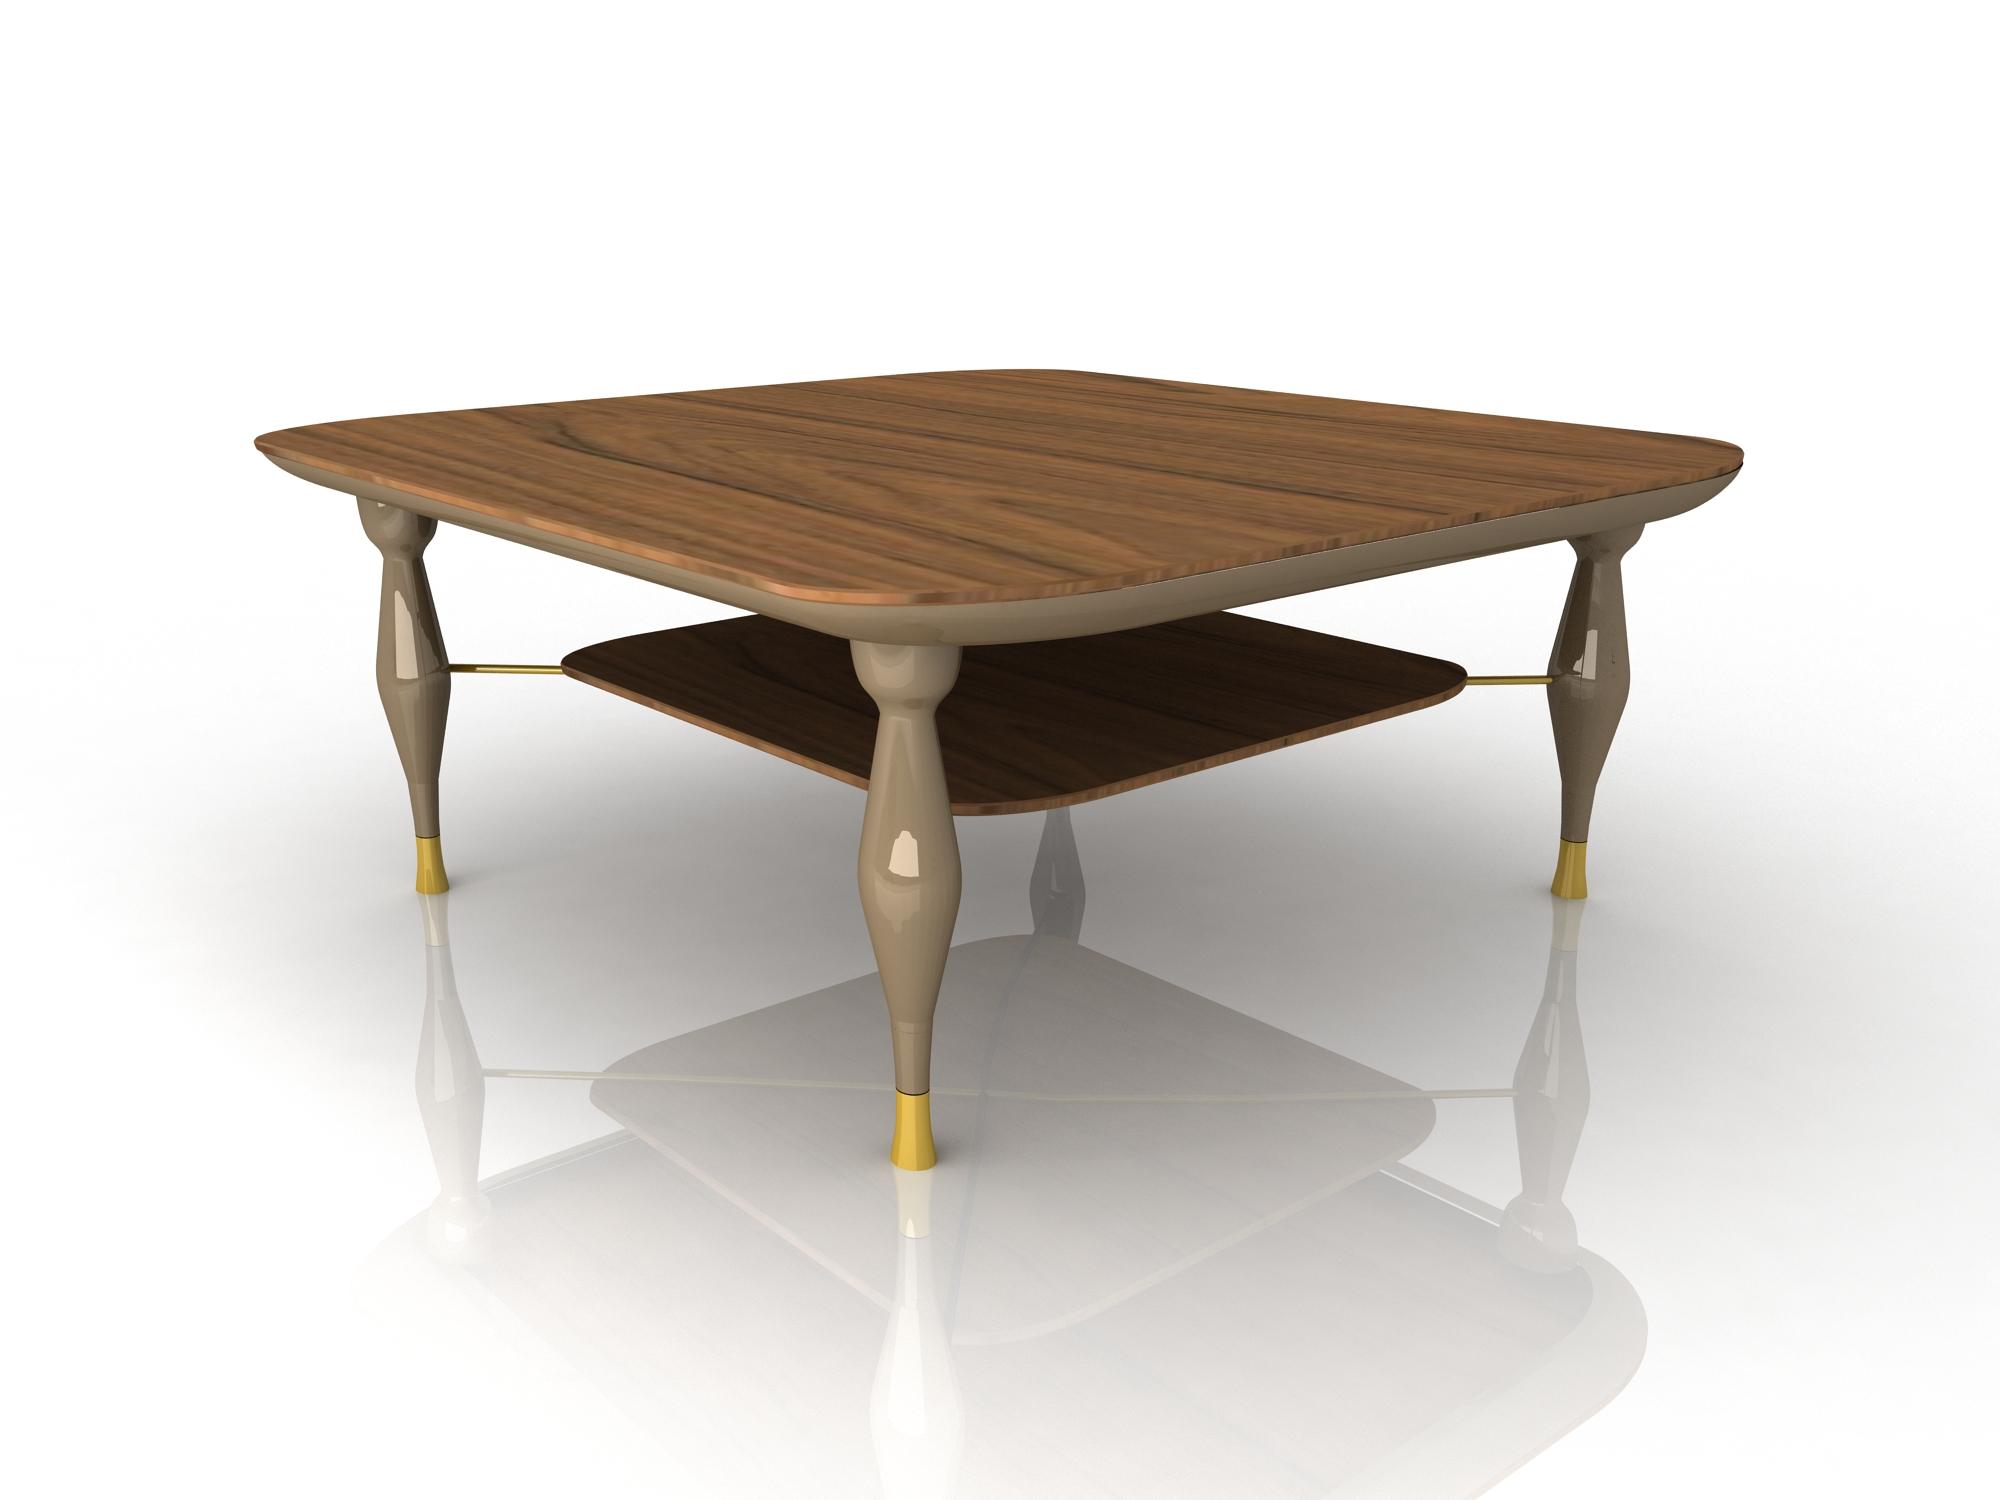 COLLEZIONE-B-COFFEE-TABLE-MODIFICATO-LEGNO-NEW.jpg